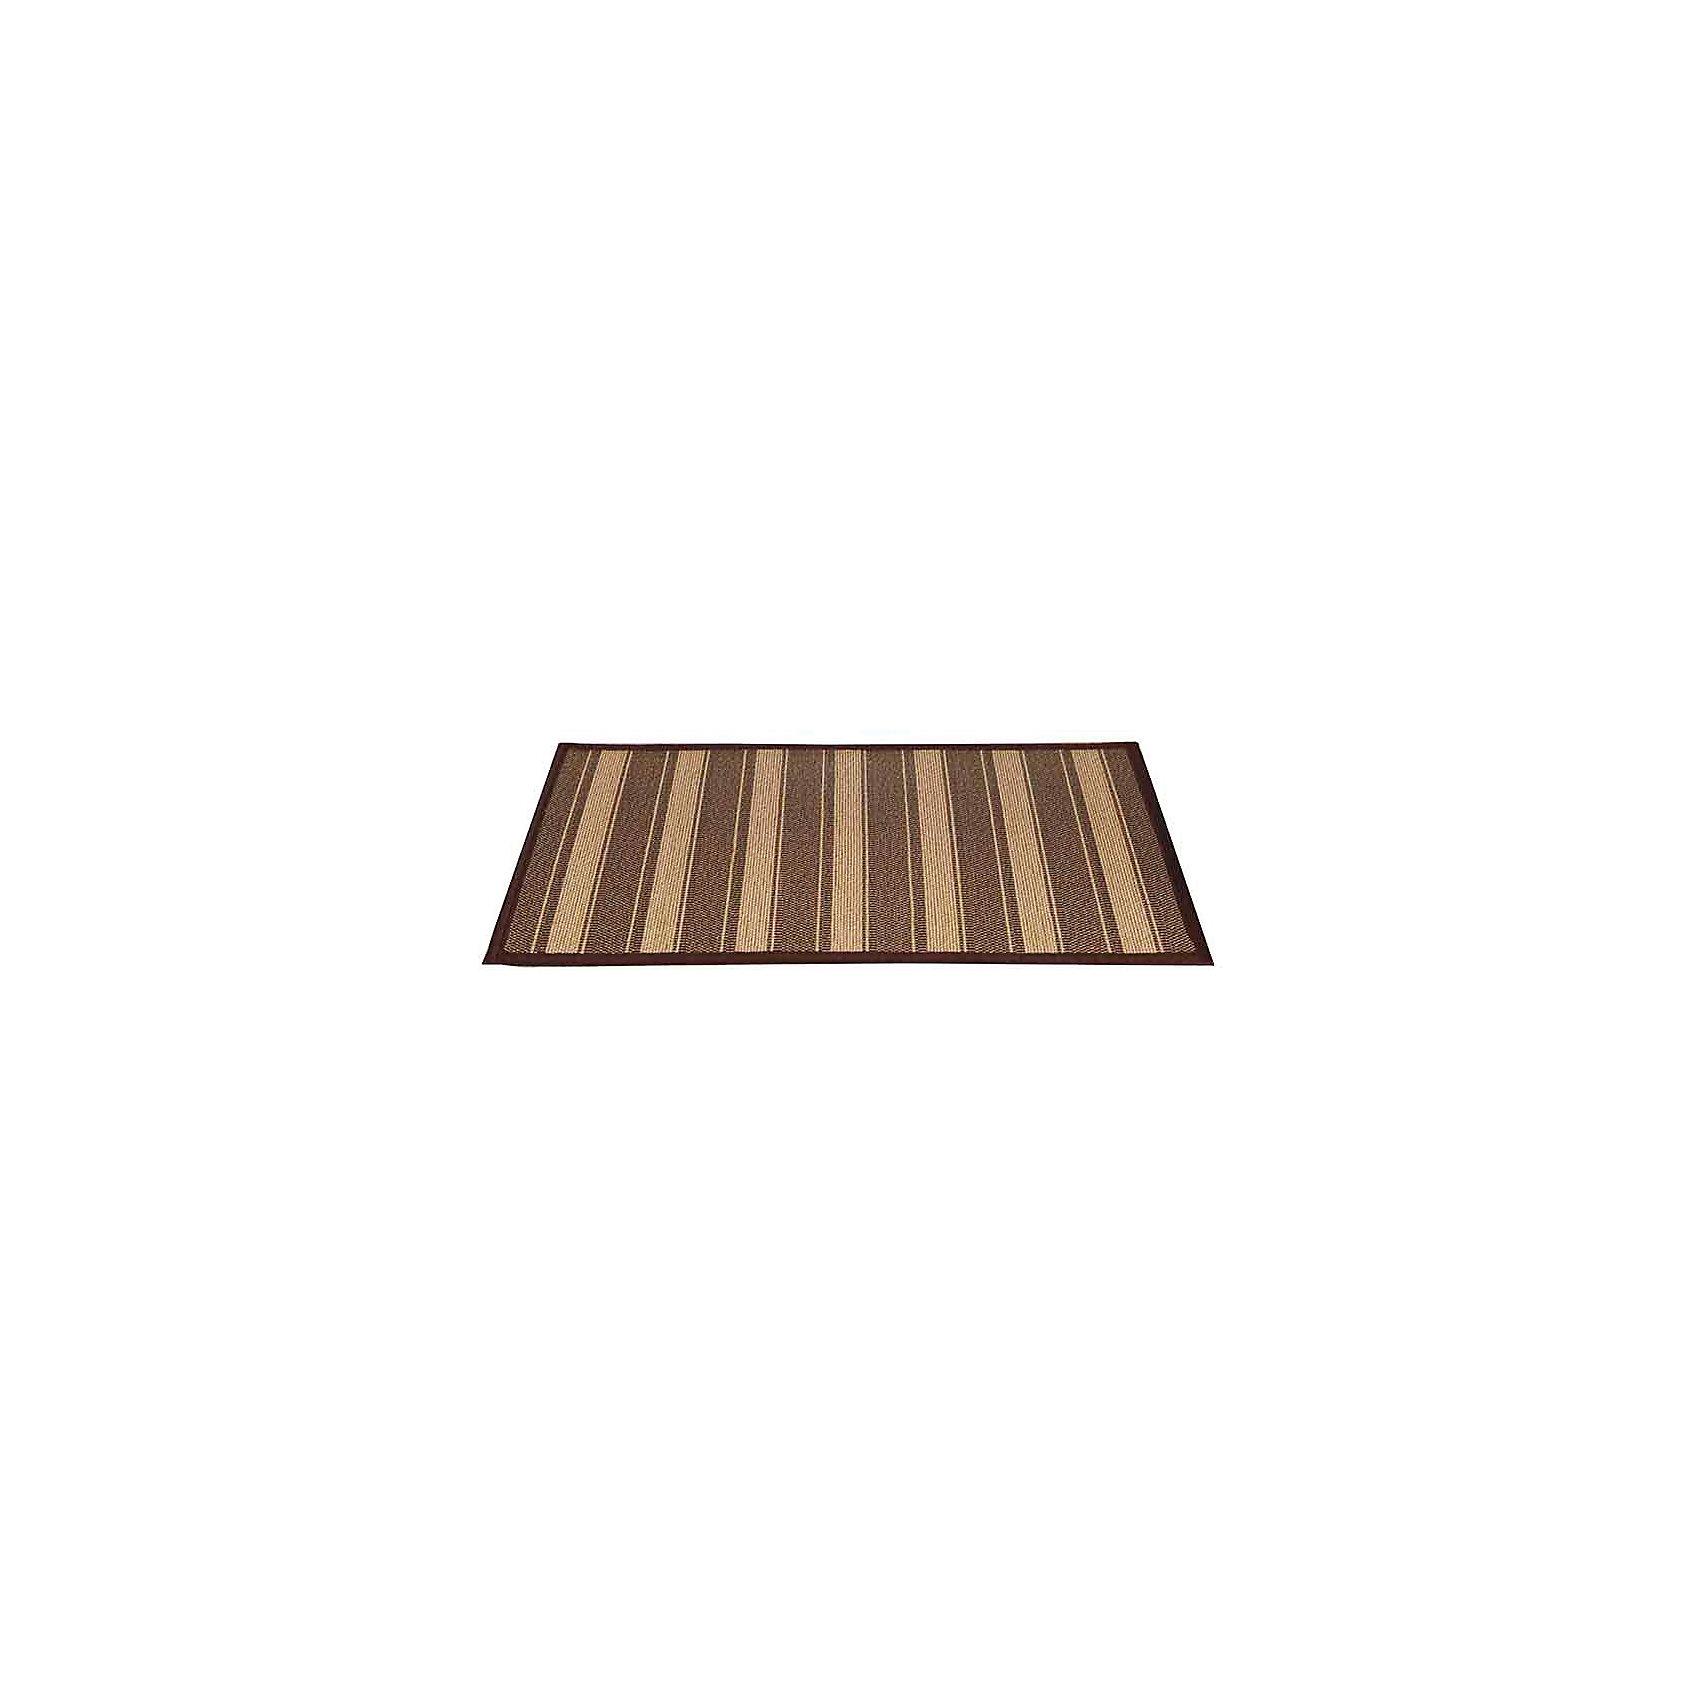 Циновка 500х800мм бамбук, Amigo, коричневыйКовры<br>Циновка 500х800мм бамбук, Amigo, коричневый – это отличный выбор для тех, кто хочет сделать свою жизнь комфортной и эстетичной.<br>Циновка из натурального бамбука прекрасно подходит для использования на кухне, в прихожей и гостиной комнате. Бамбук не впитывает воду, не подвержен гниению и практически не горит, так же всем хорошо известны его антибактериальные свойства. Основание «антислип» не дает циновке скользить на полу. По краям циновка аккуратно обшита. Циновки из натурального бамбука – гипоаллергены, легко чистятся и очень и очень современны и модны!<br><br>Дополнительная информация:<br><br>- Размер: 0,5x0,8 м.<br>- Материал: бамбук<br>- Цвет: коричневый<br><br>Циновку 500х800мм бамбук, Amigo, коричневую можно купить в нашем интернет-магазине.<br><br>Ширина мм: 800<br>Глубина мм: 70<br>Высота мм: 70<br>Вес г: 500<br>Возраст от месяцев: 18<br>Возраст до месяцев: 1188<br>Пол: Унисекс<br>Возраст: Детский<br>SKU: 5025741